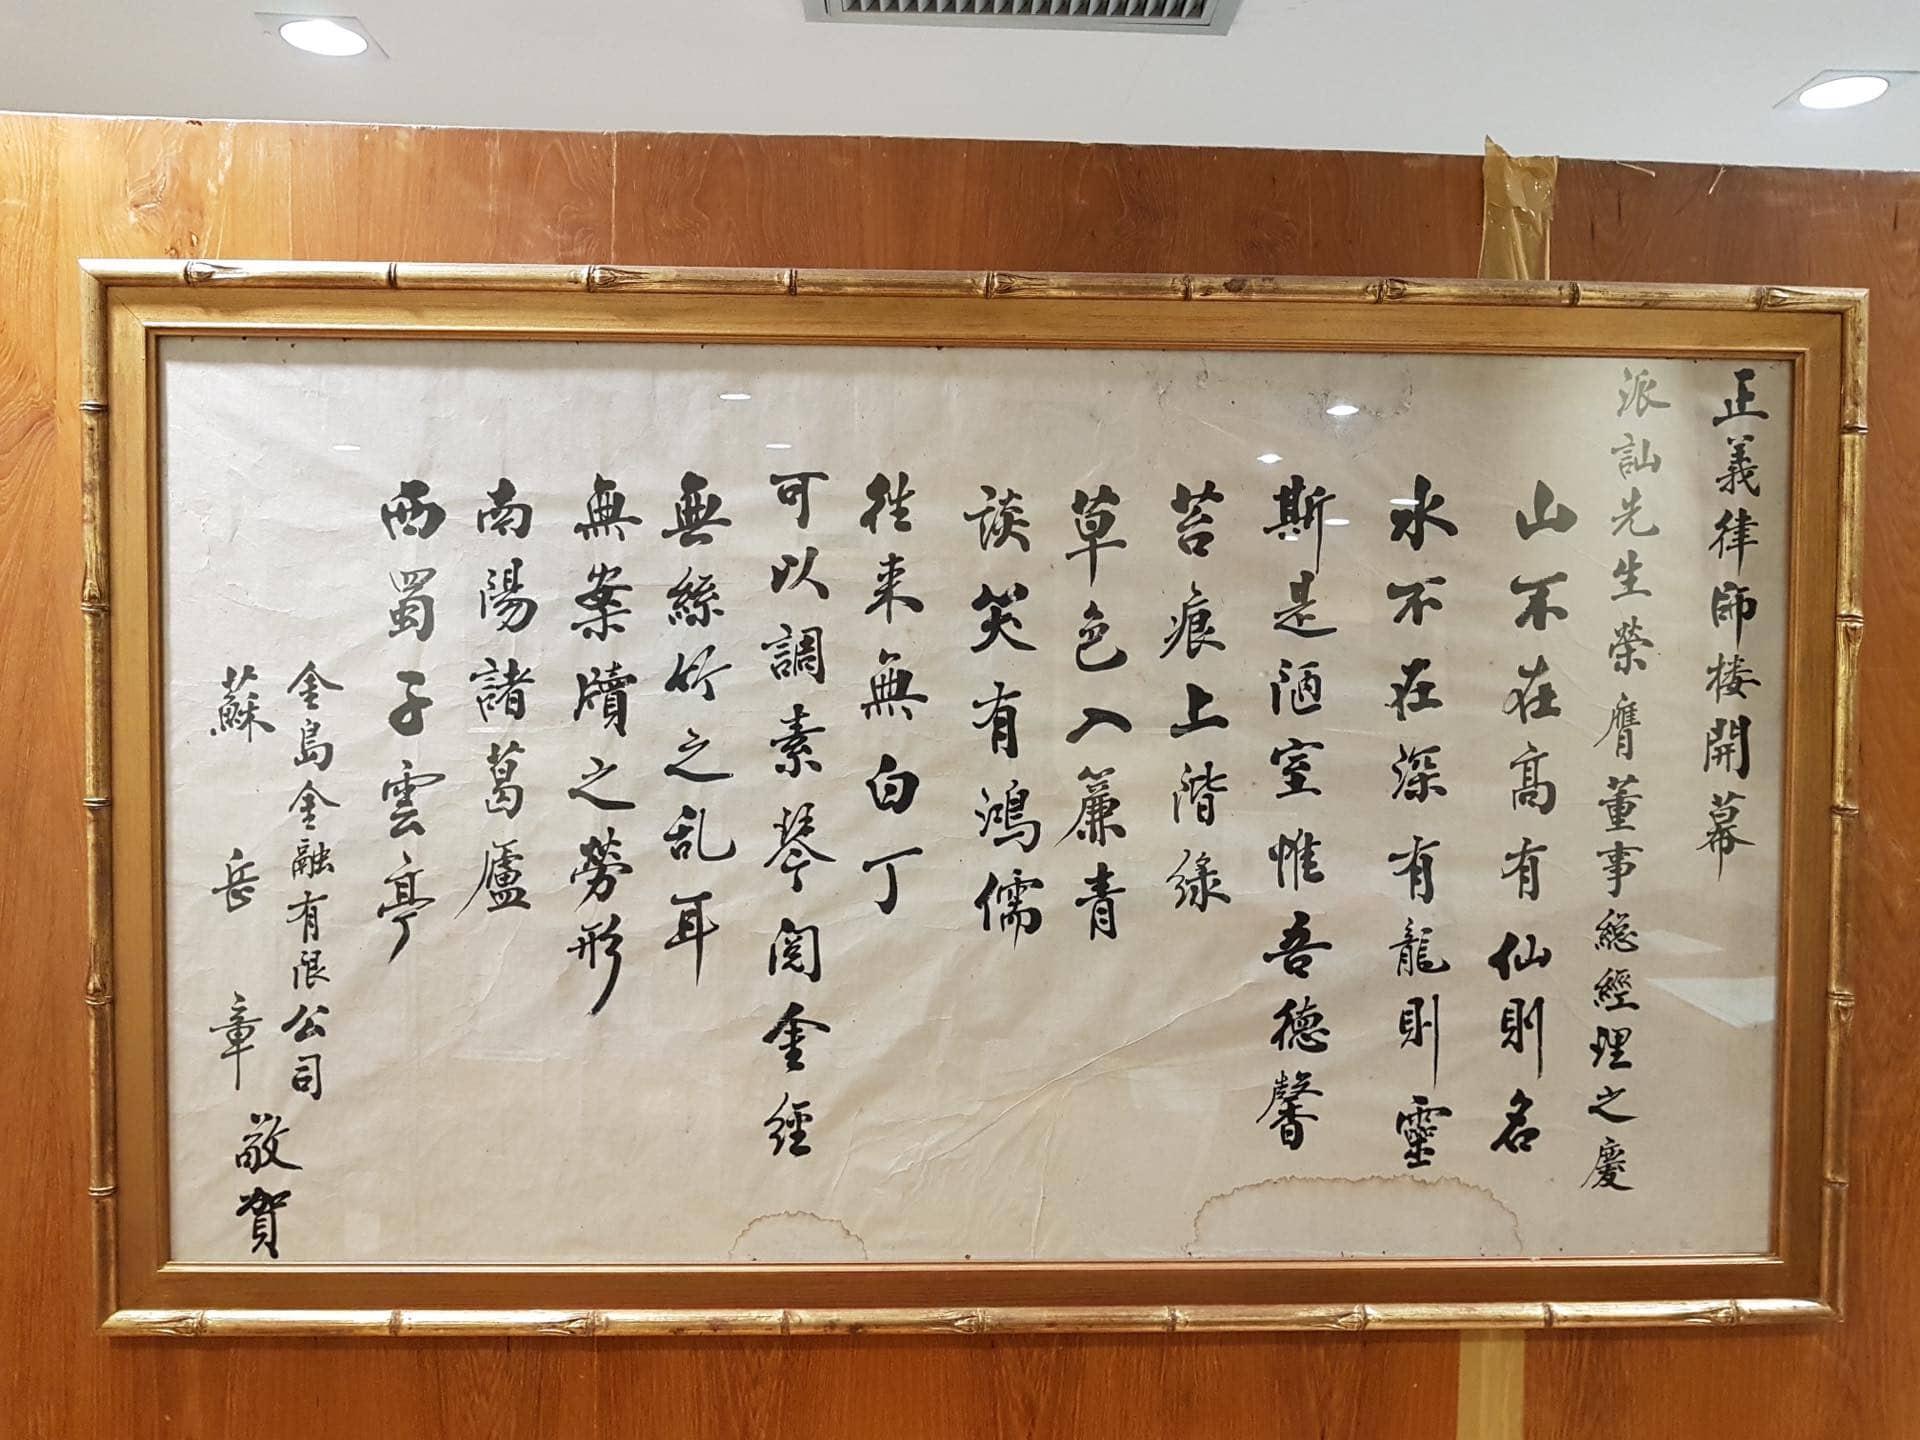 ตำนานภาพบทจารึกคำจีน หน้าสำนักกฎหมายธรรมนิติ